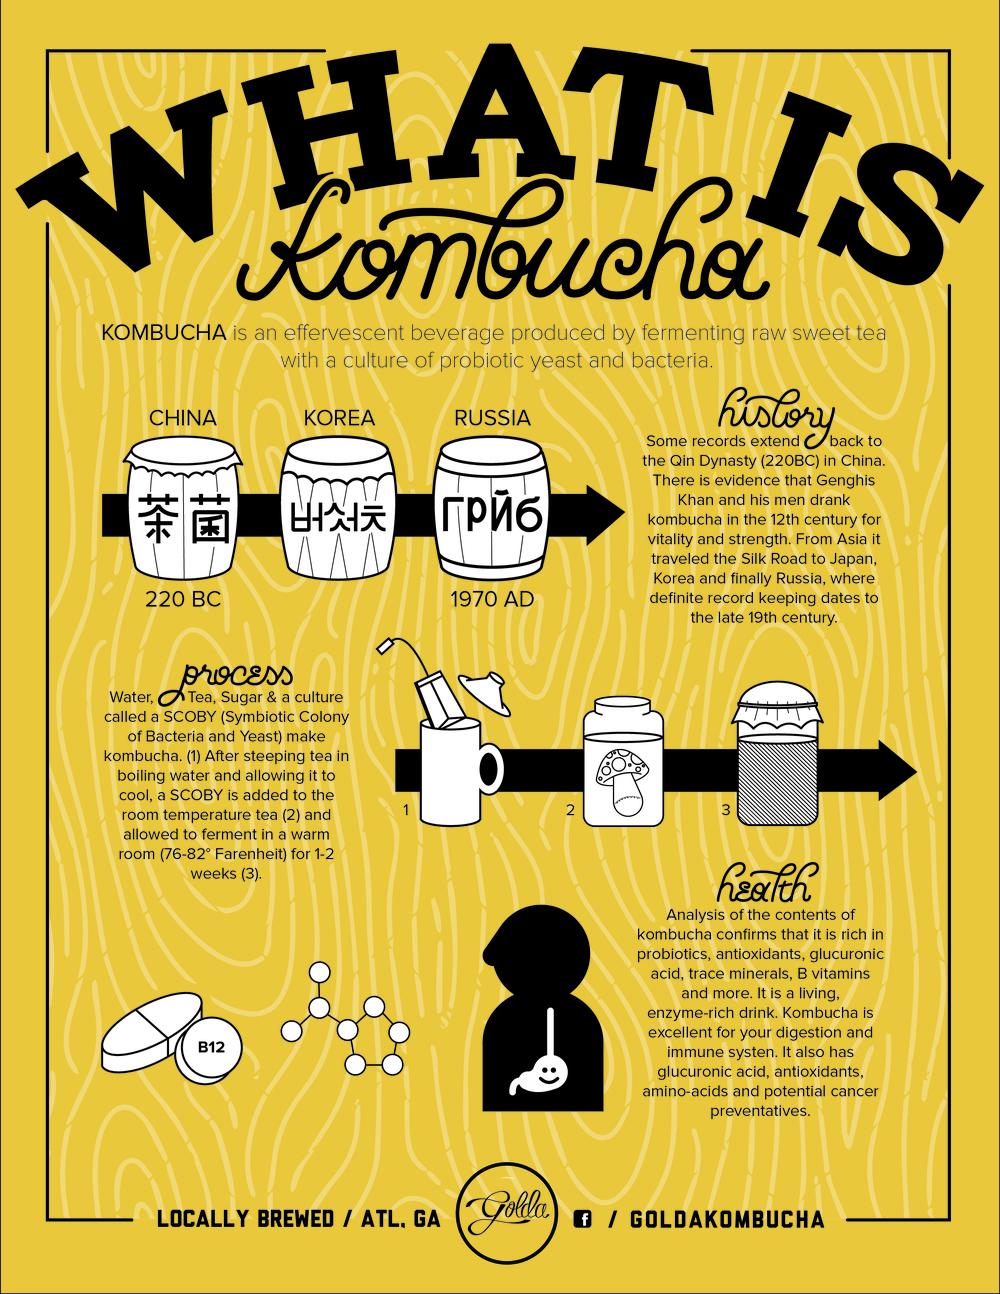 kombucha__infographic-01.jpg